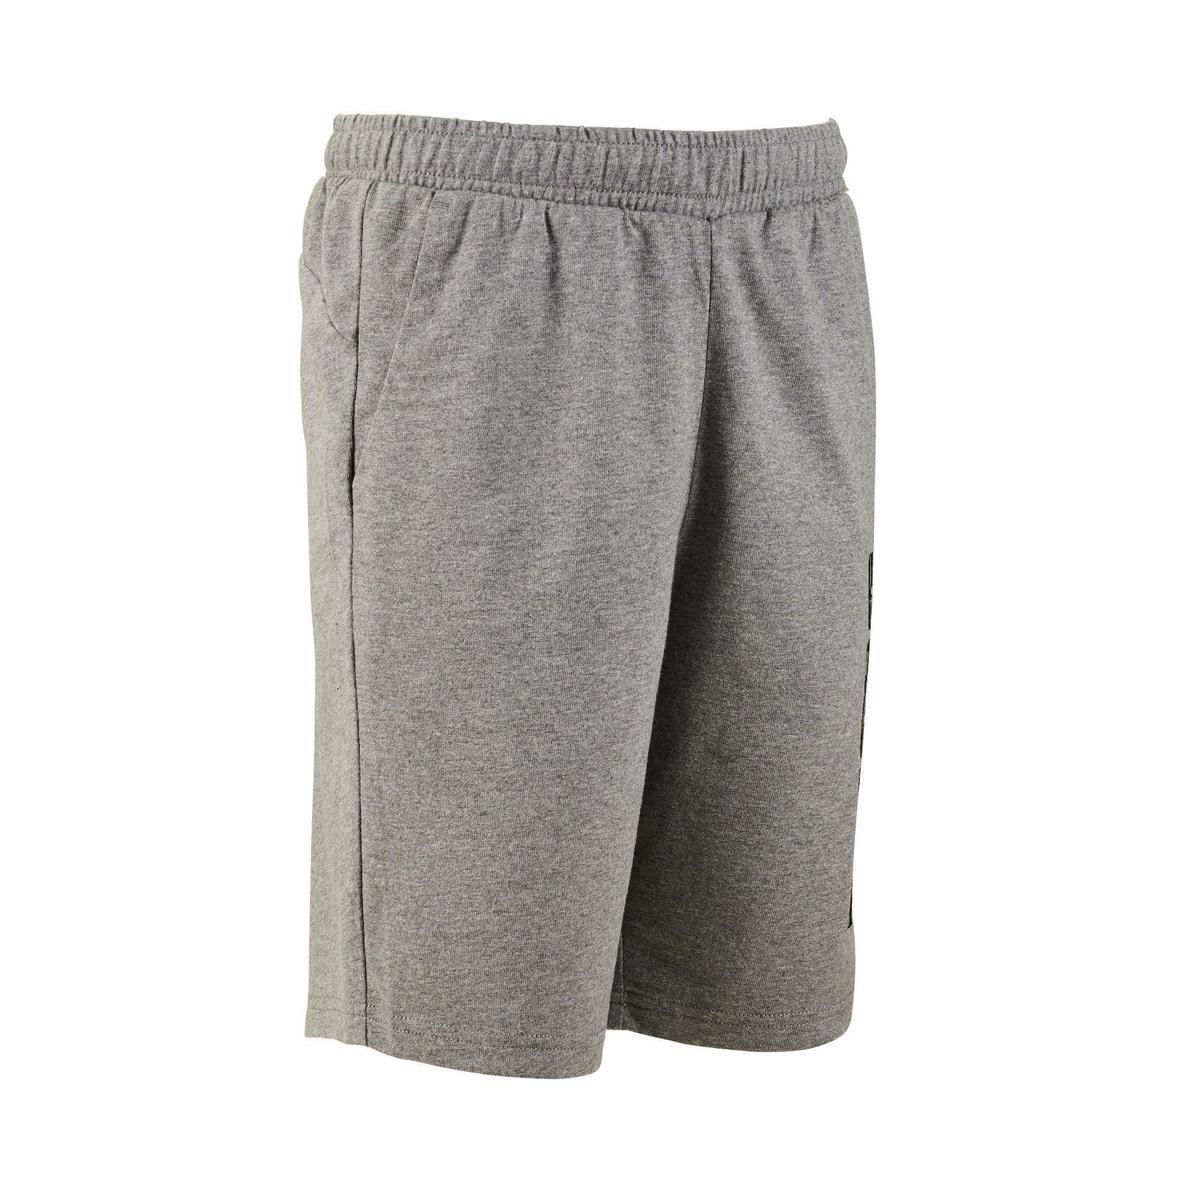 Bild 1 von Sporthose kurz Gym Kinder grau